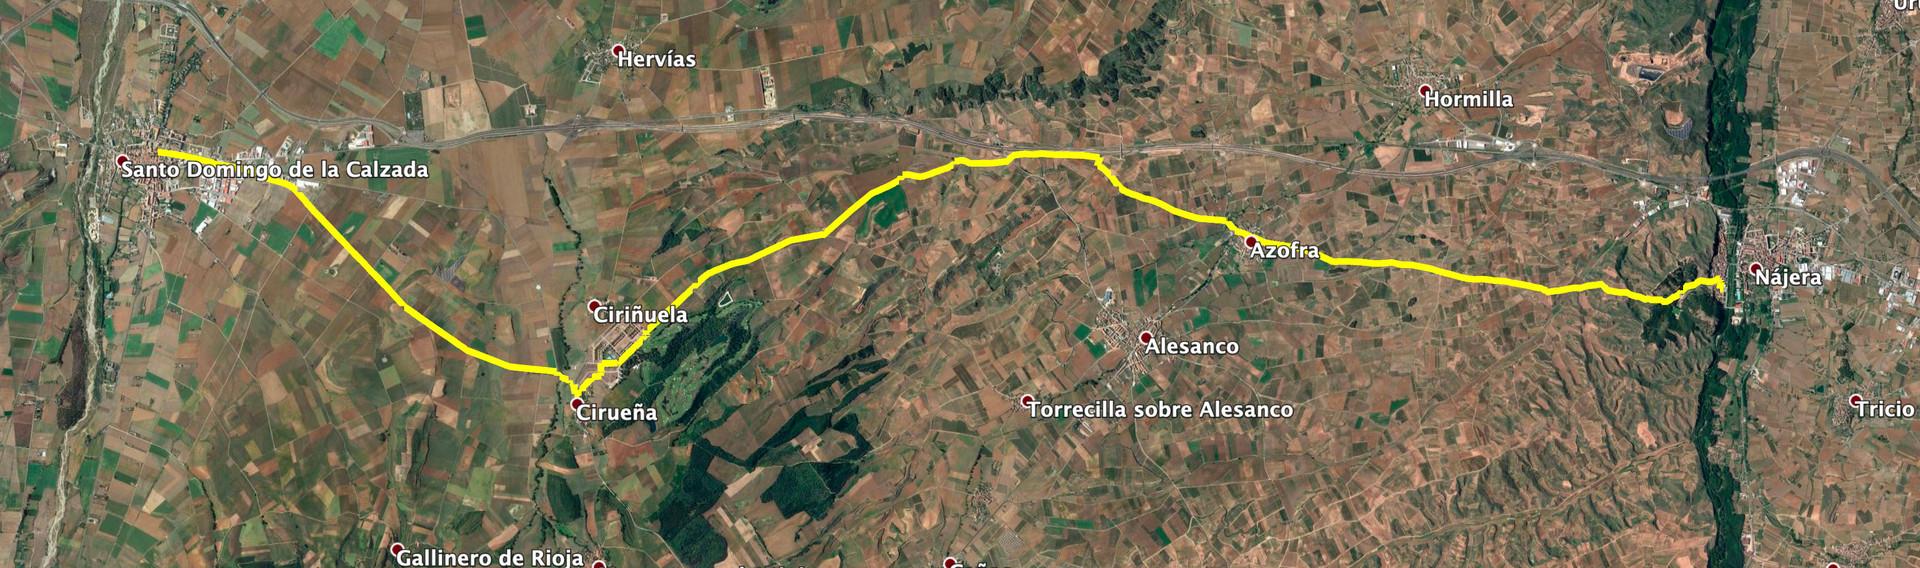 CF Day 10 Map.jpg